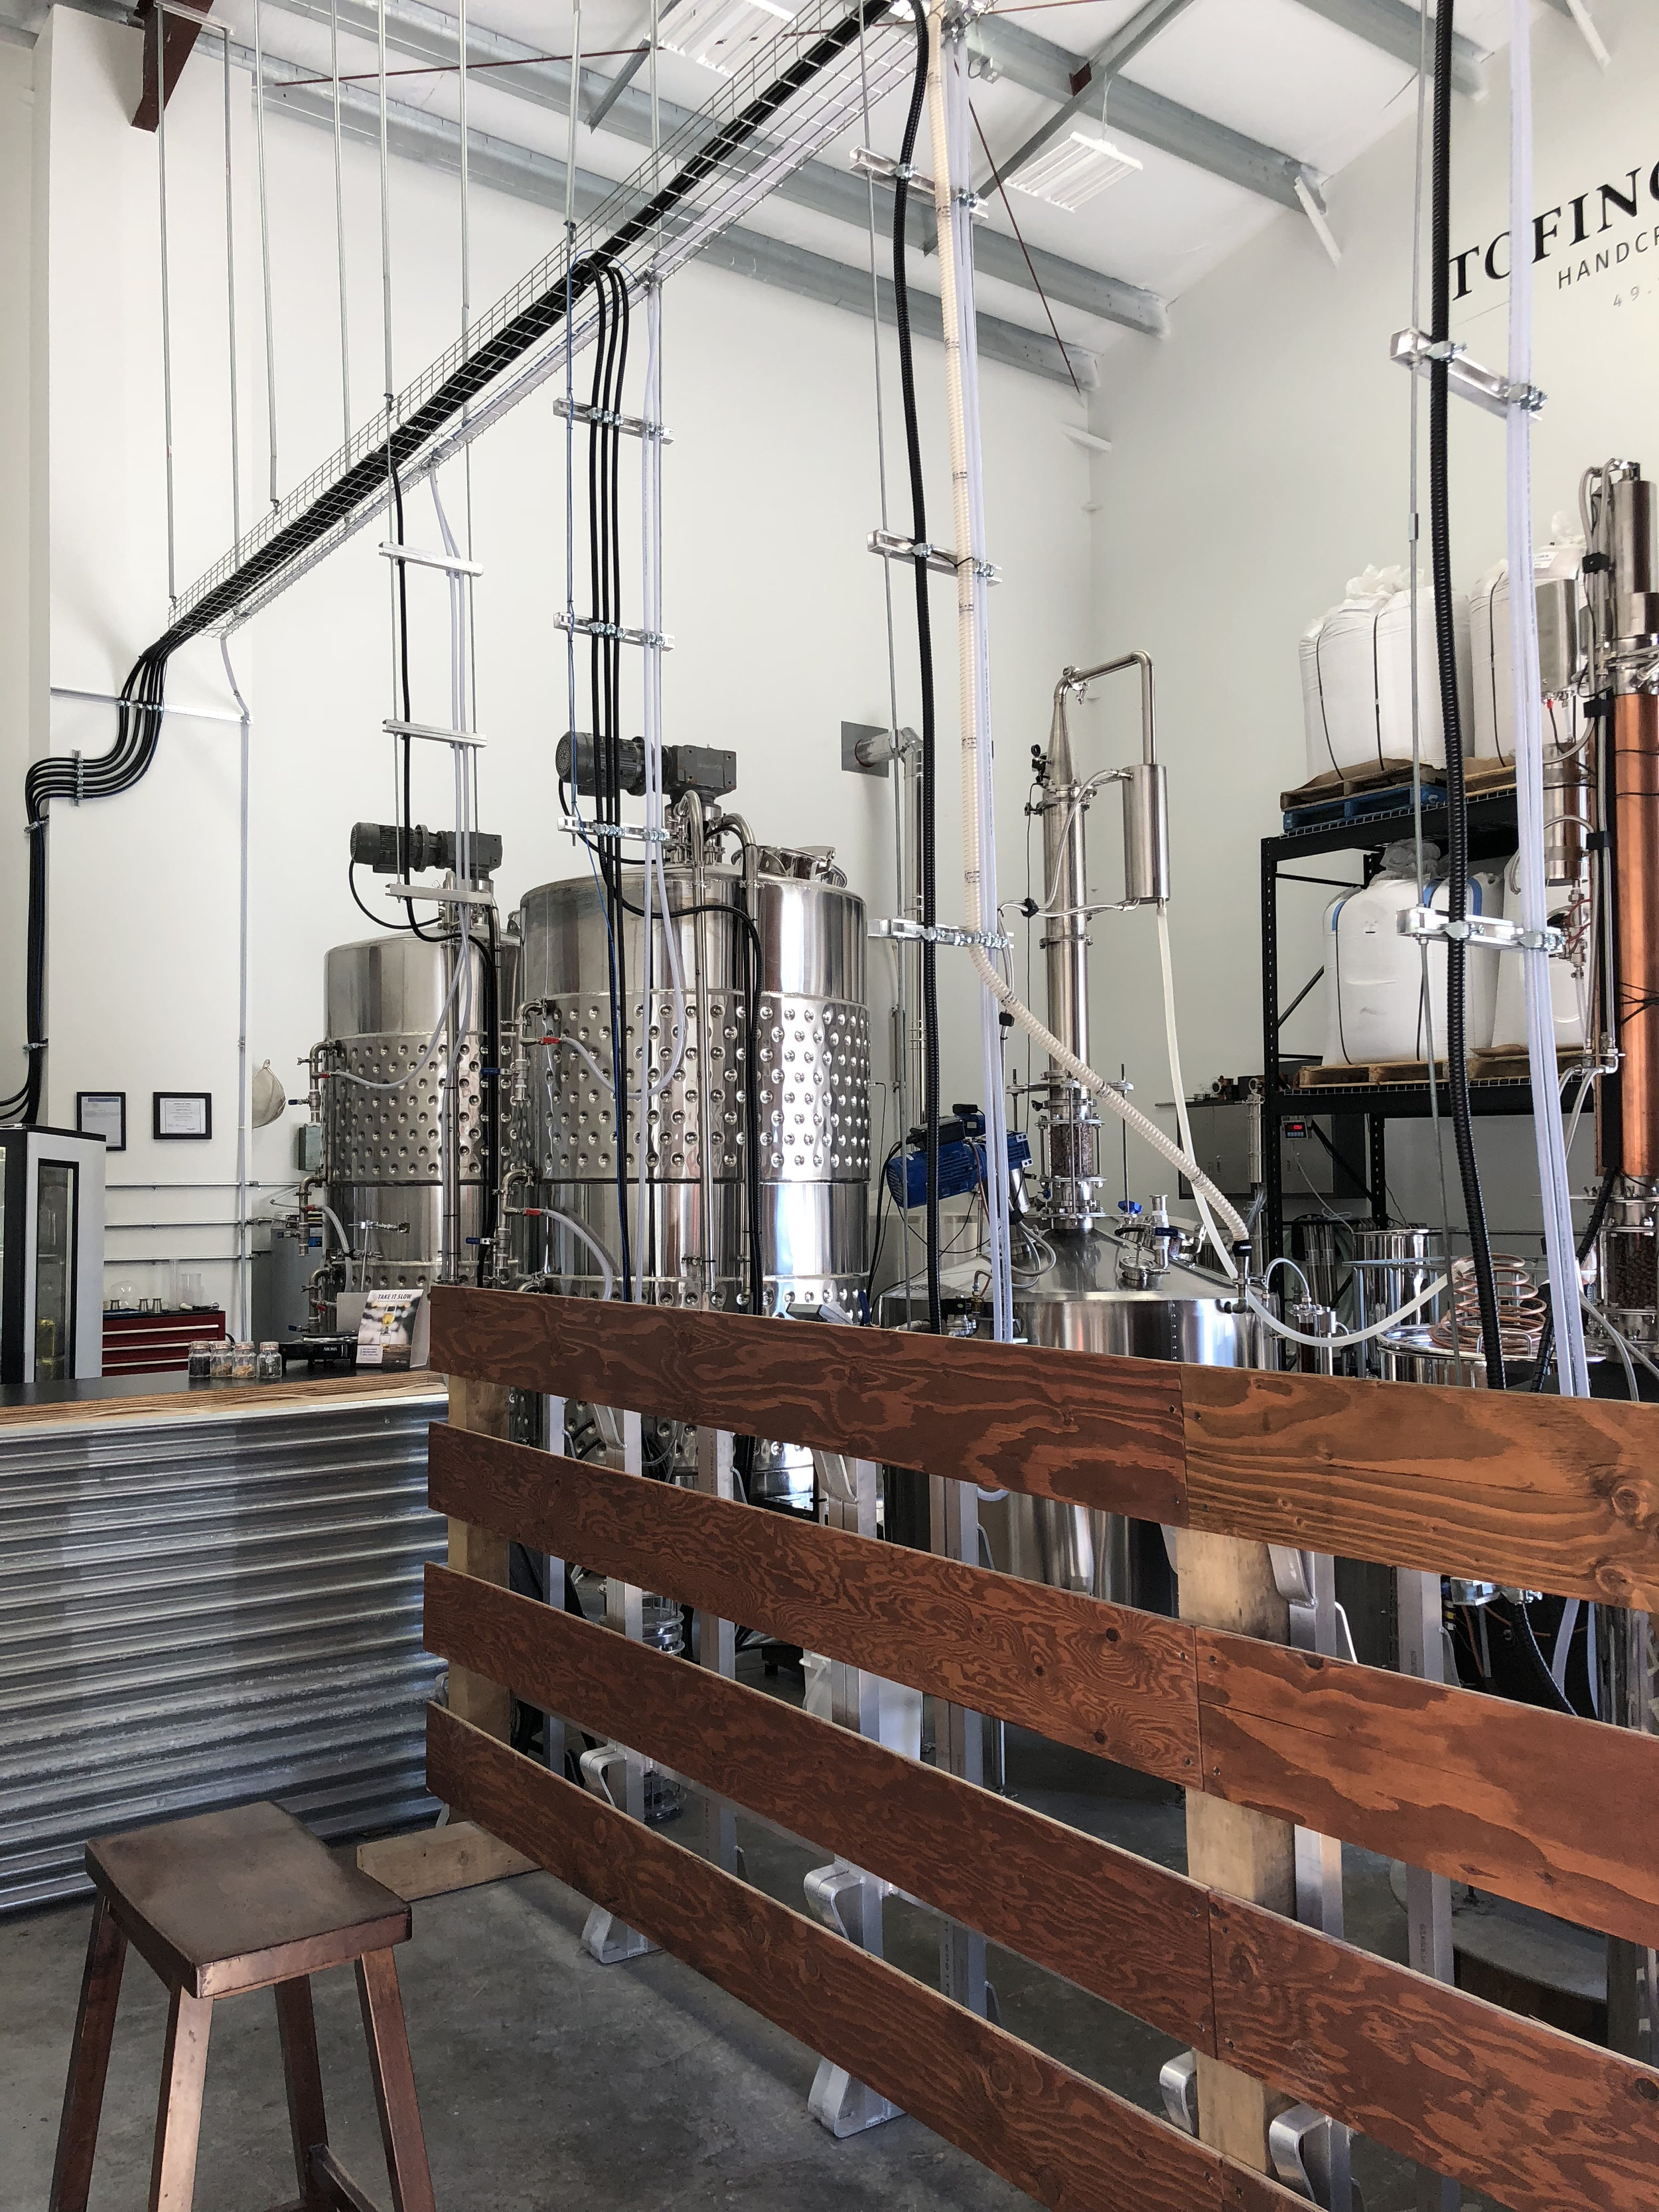 Tofino Distilling Co.